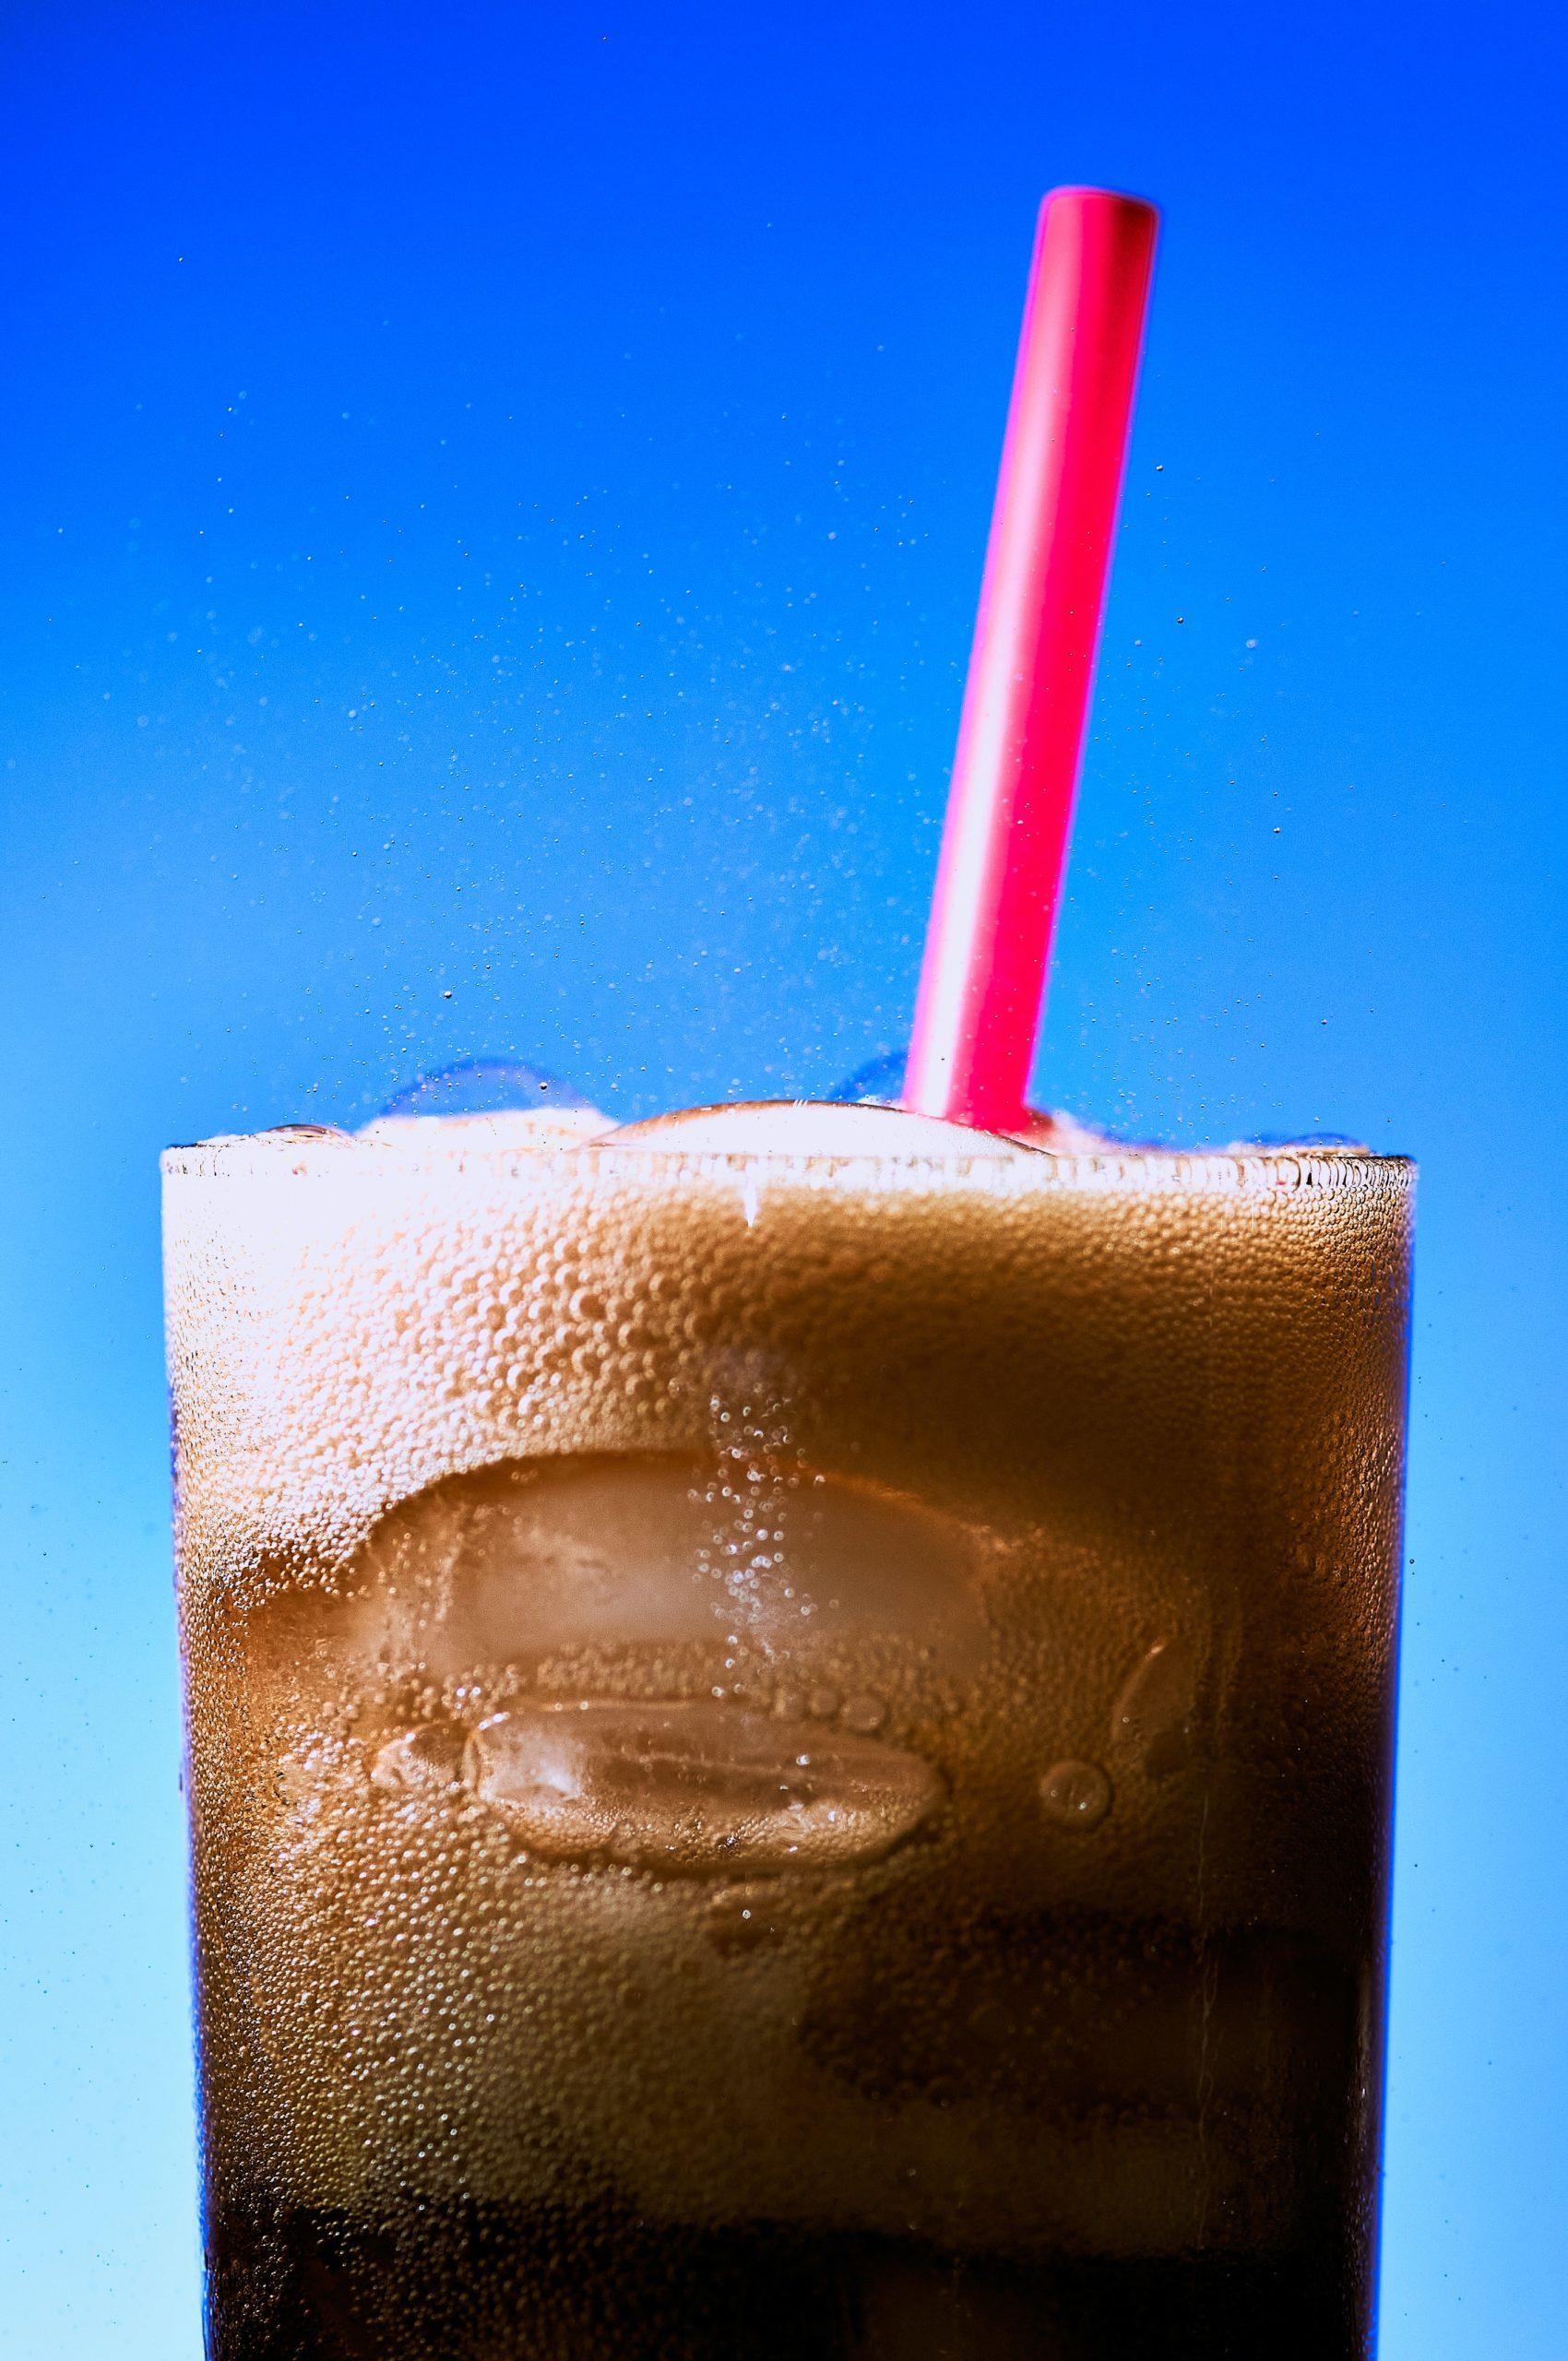 Glas voll kalter Cola mit Schaum und rotem Strohhalm, vor einem blauen Hintergrund.